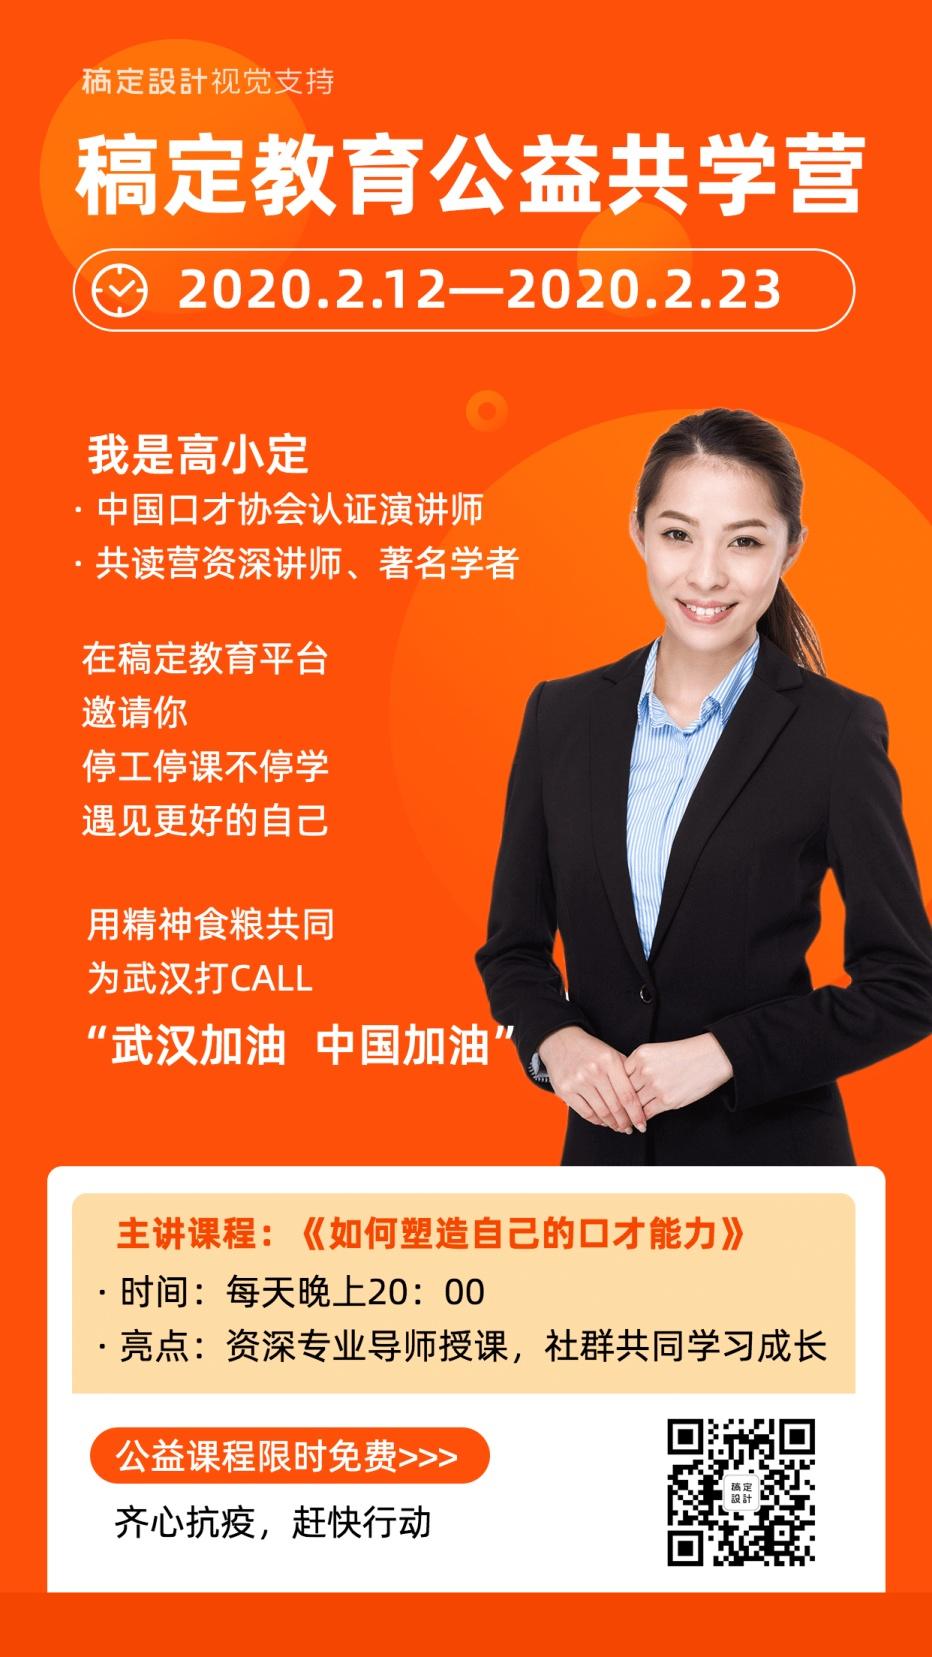 公益课程武汉加油学习直播课程海报